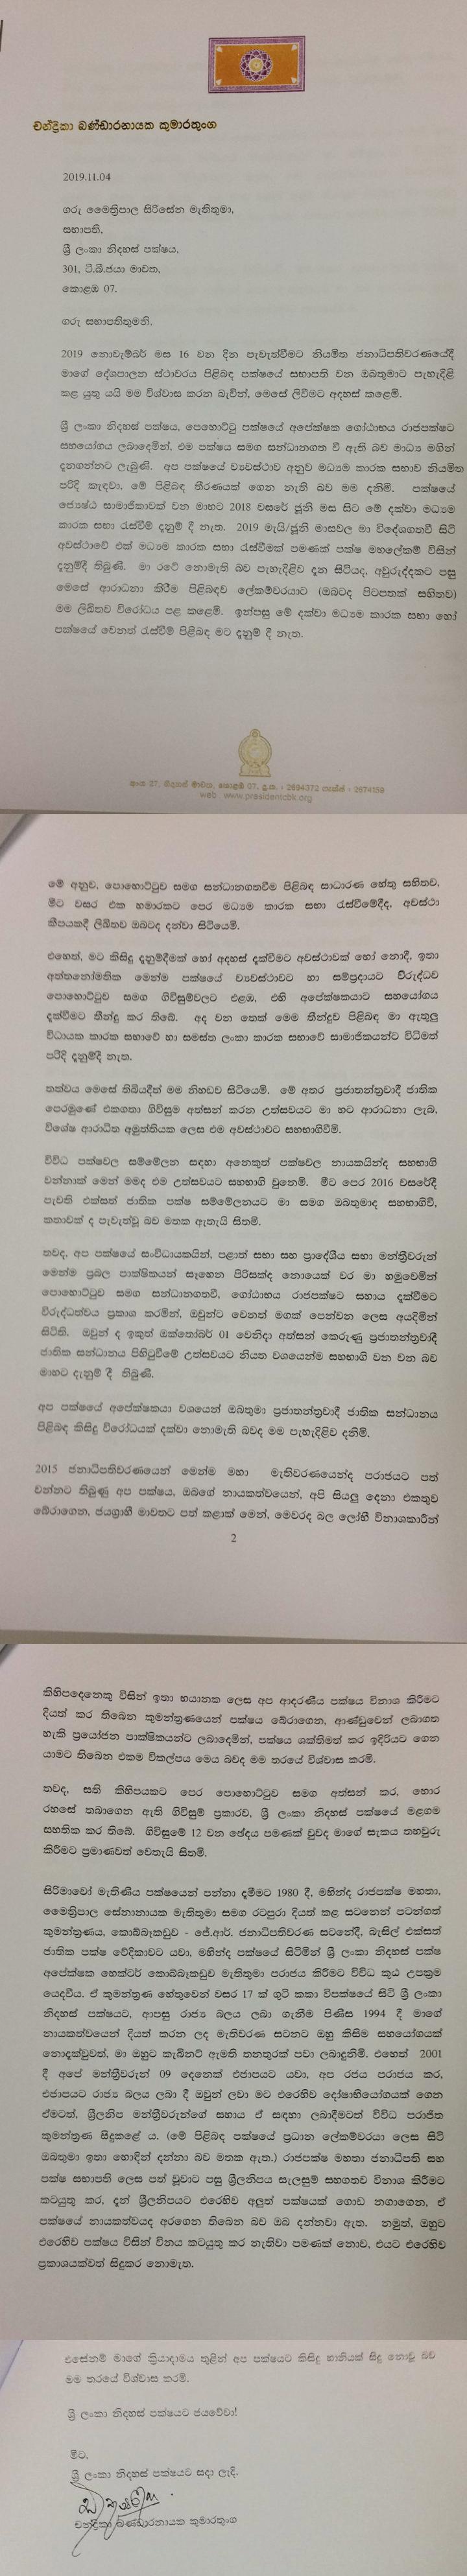 cbk my letter 720